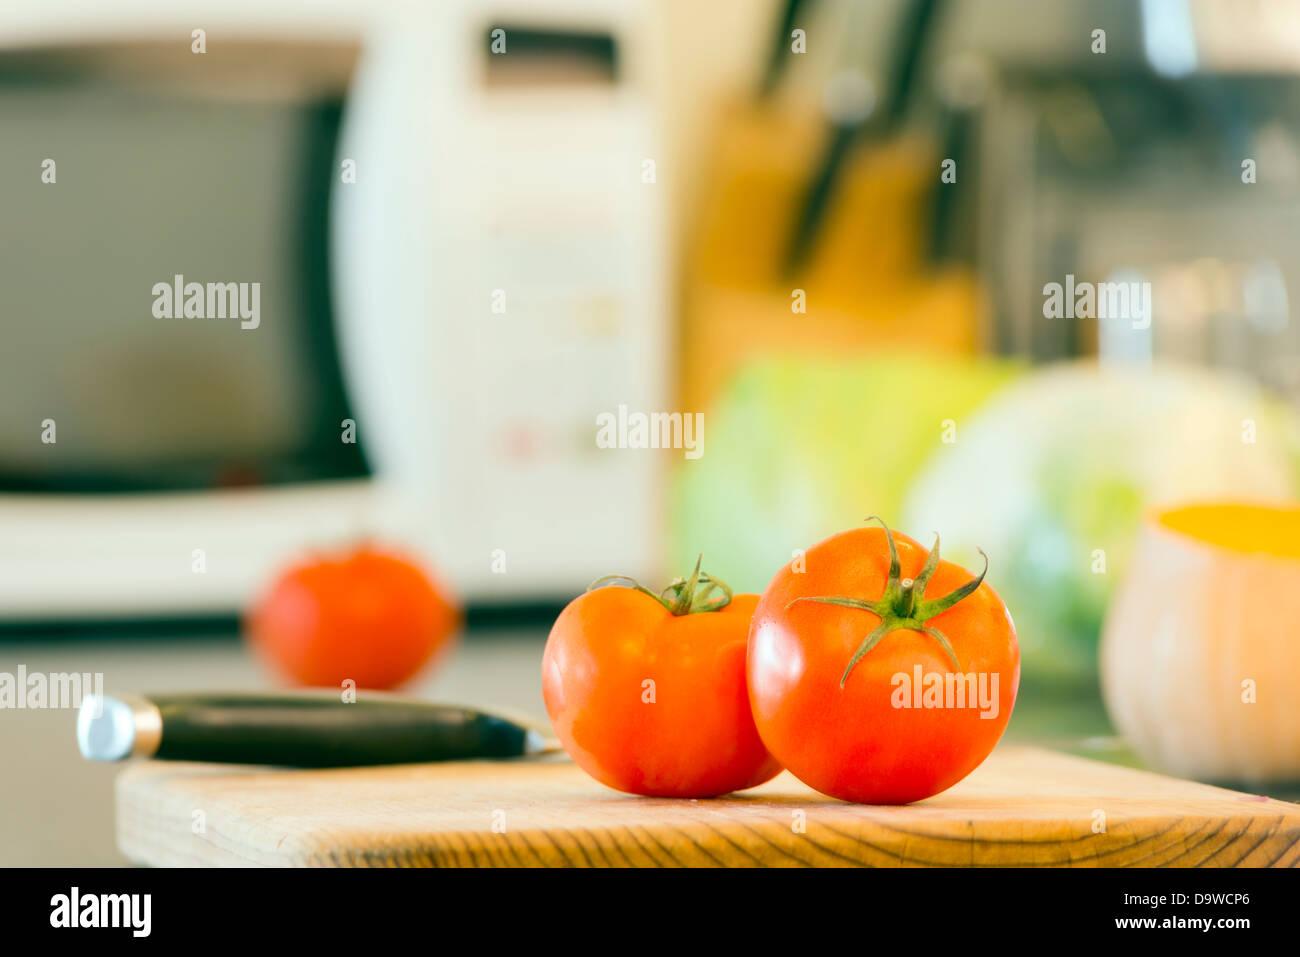 La préparation des aliments frais sur le banc de la cuisine, avec des tomates, courgettes et autres légumes Photo Stock